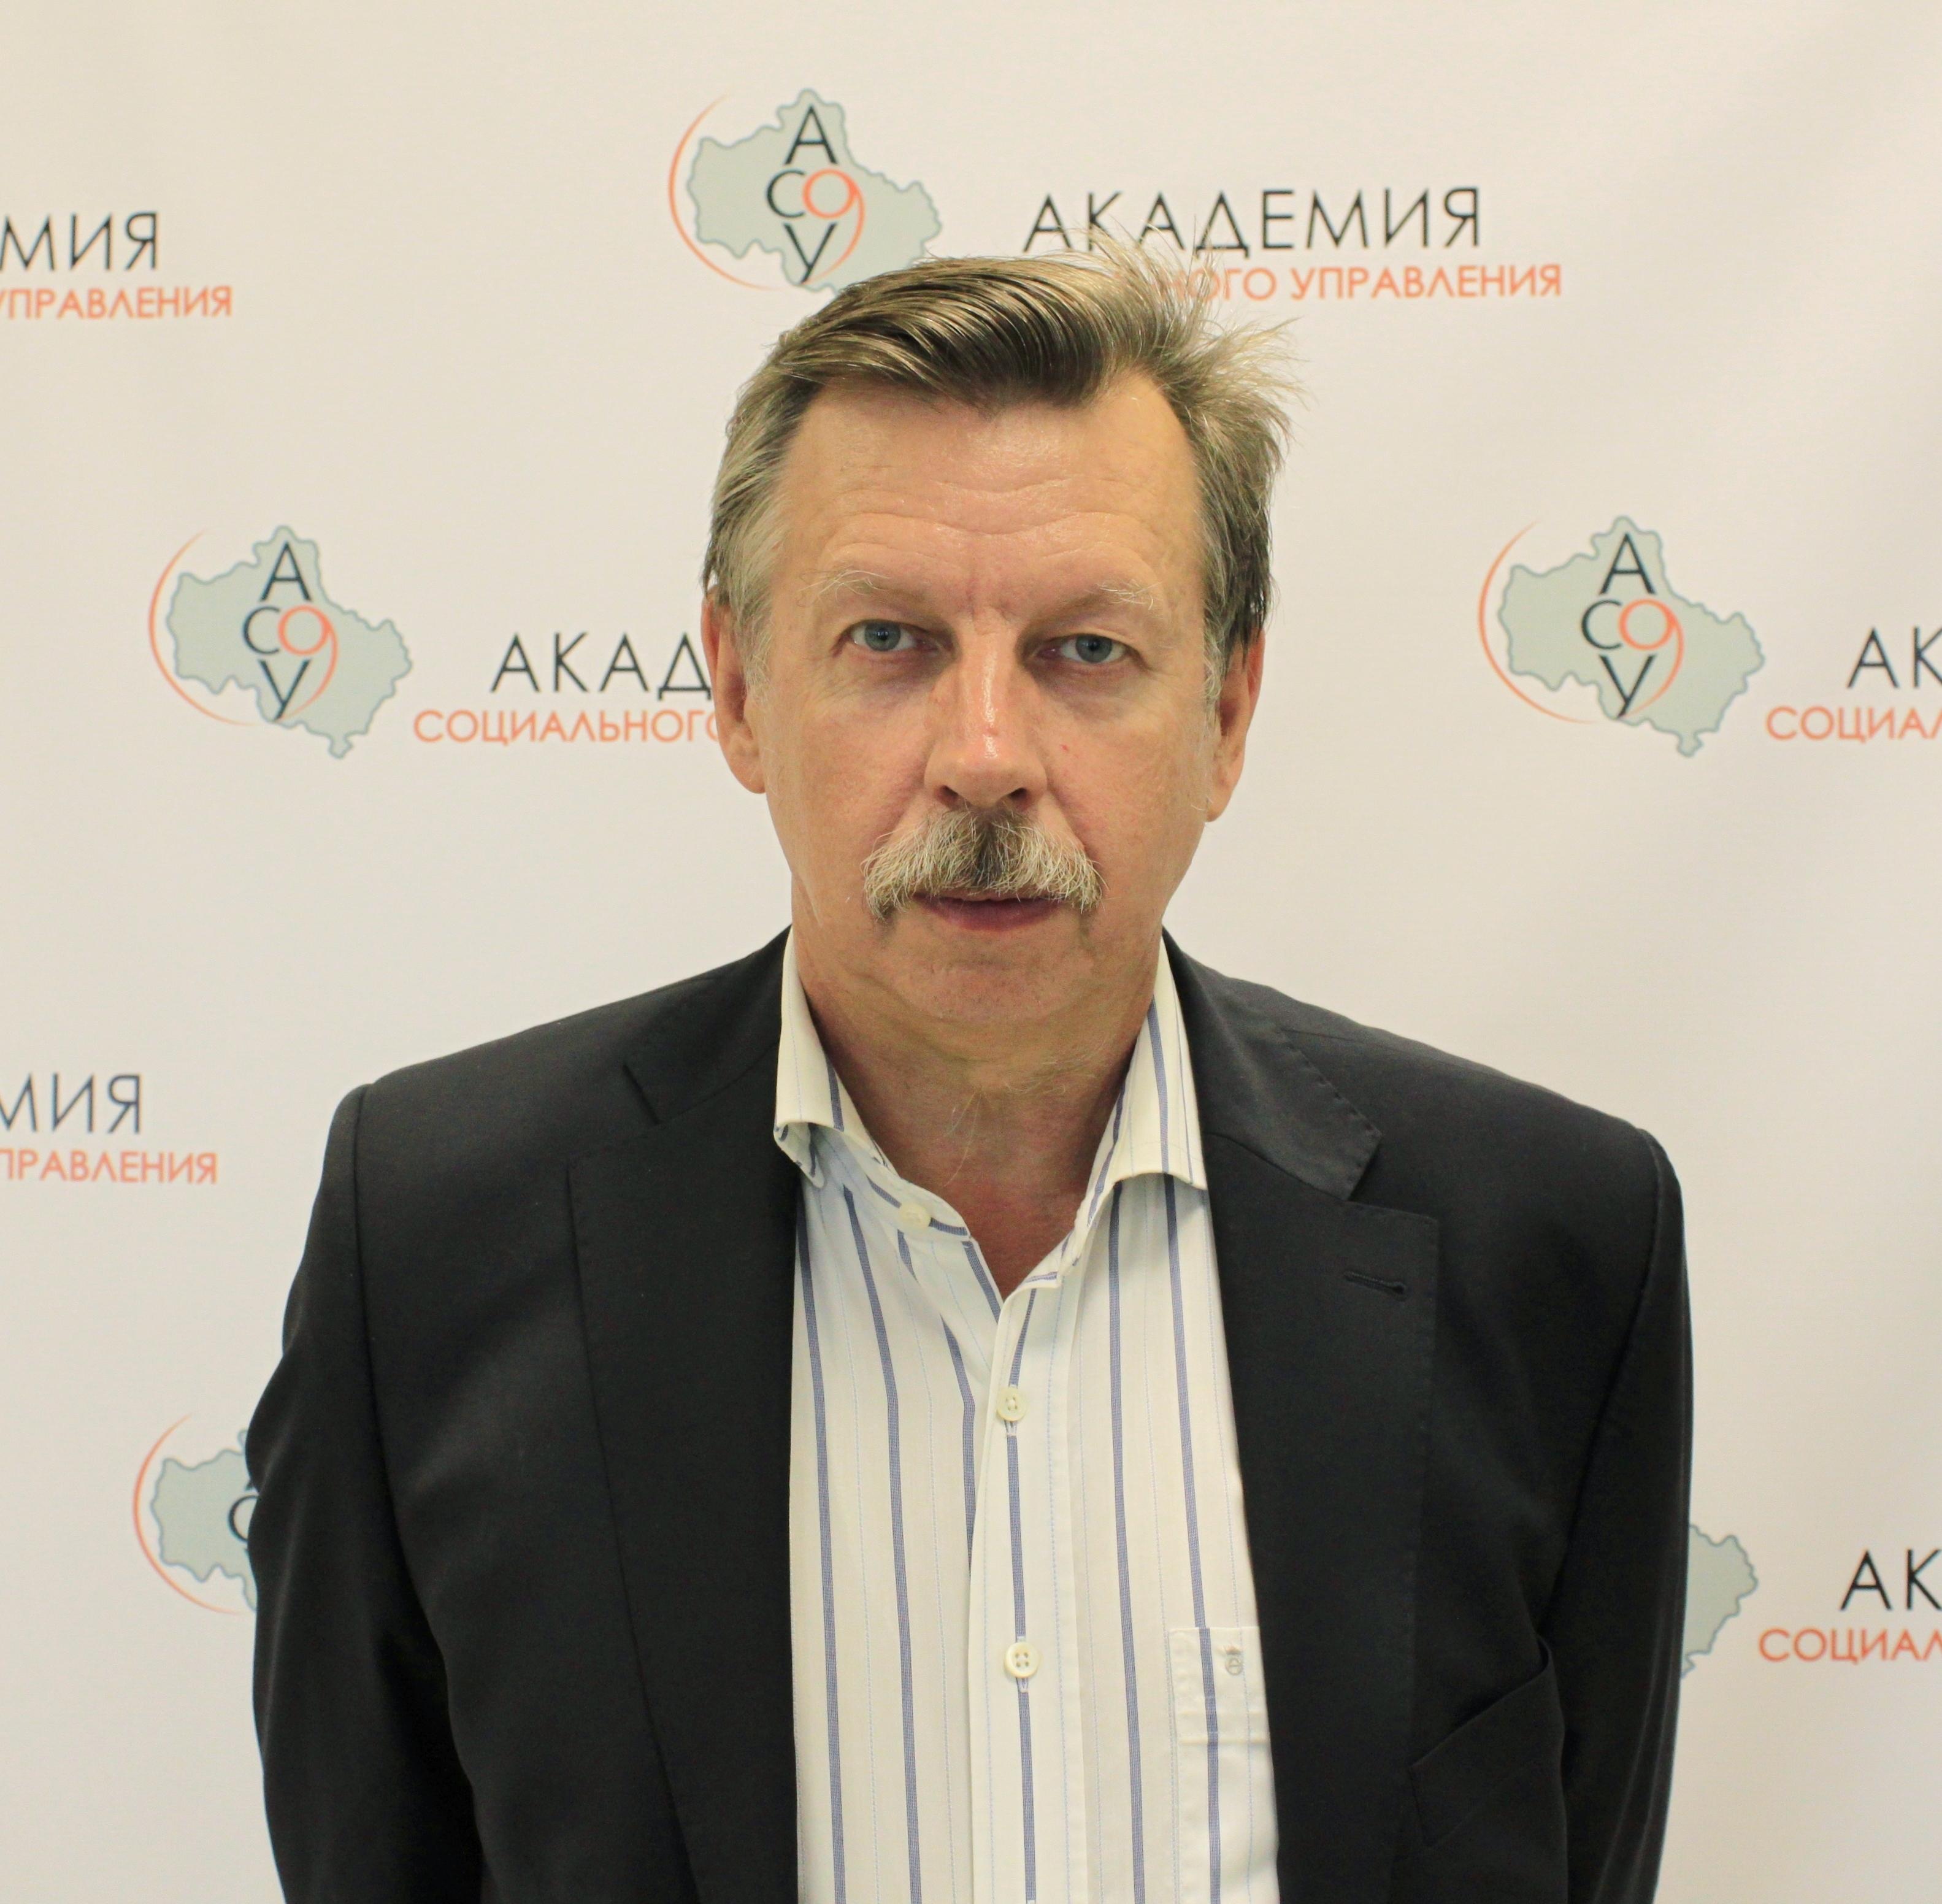 Бешенков Сергей Александрович